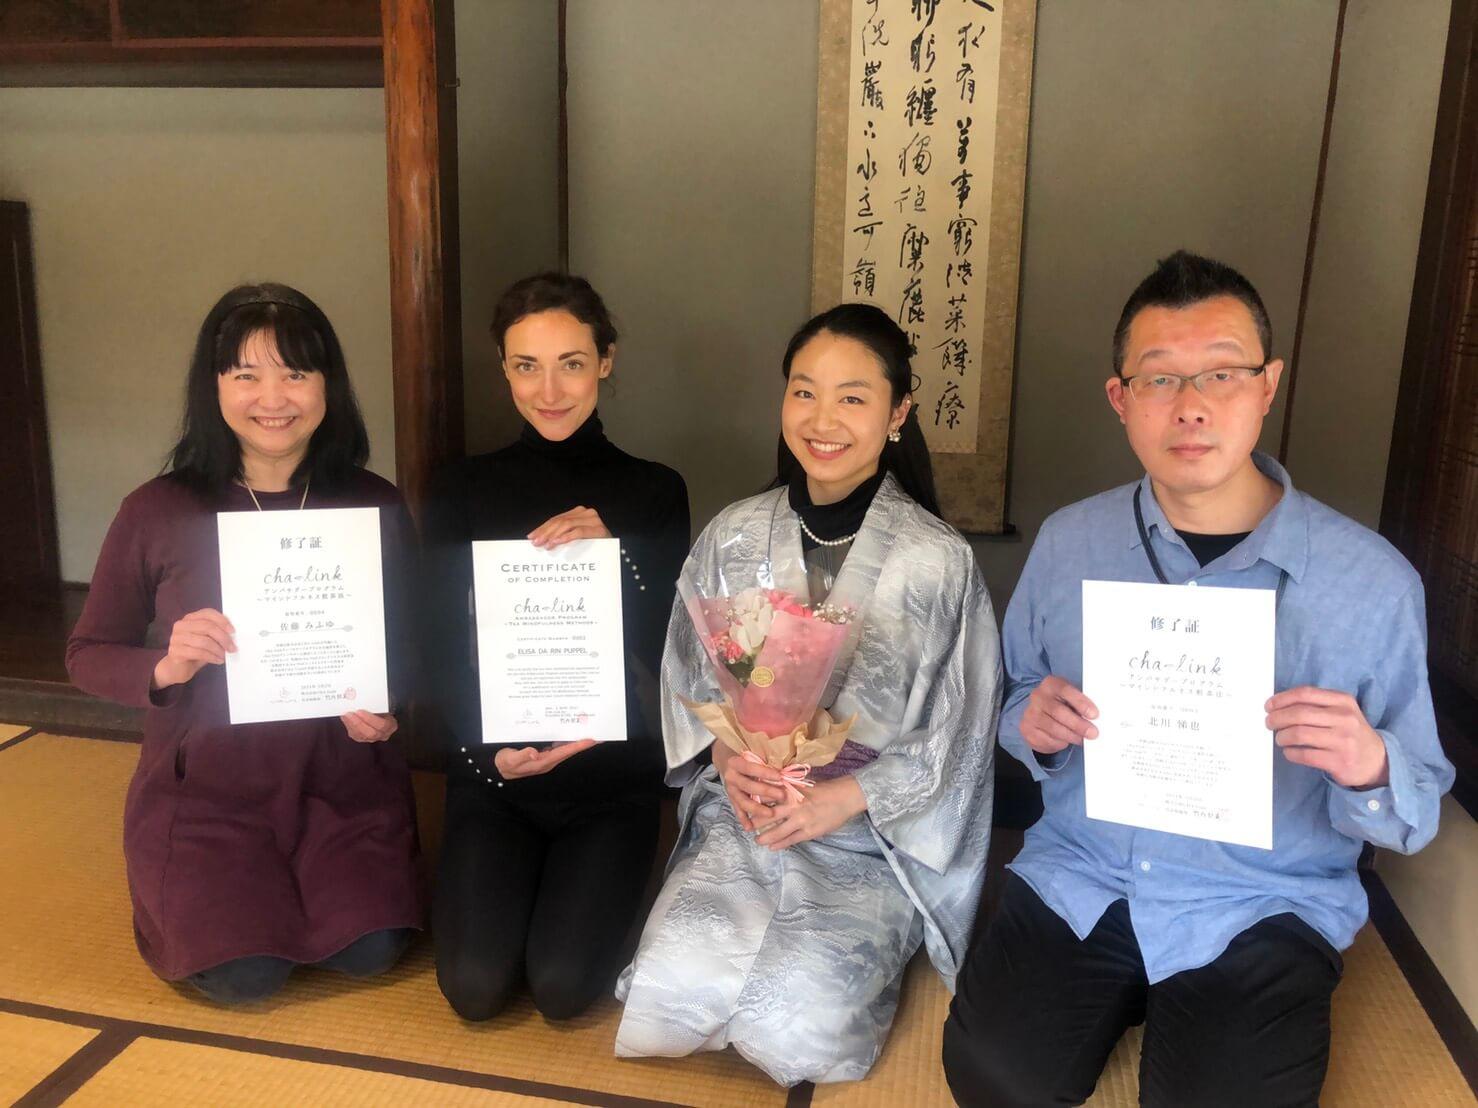 【ネオ茶道】イタリア人含む3名が講師資格を取得「ストレス低減煎茶法」